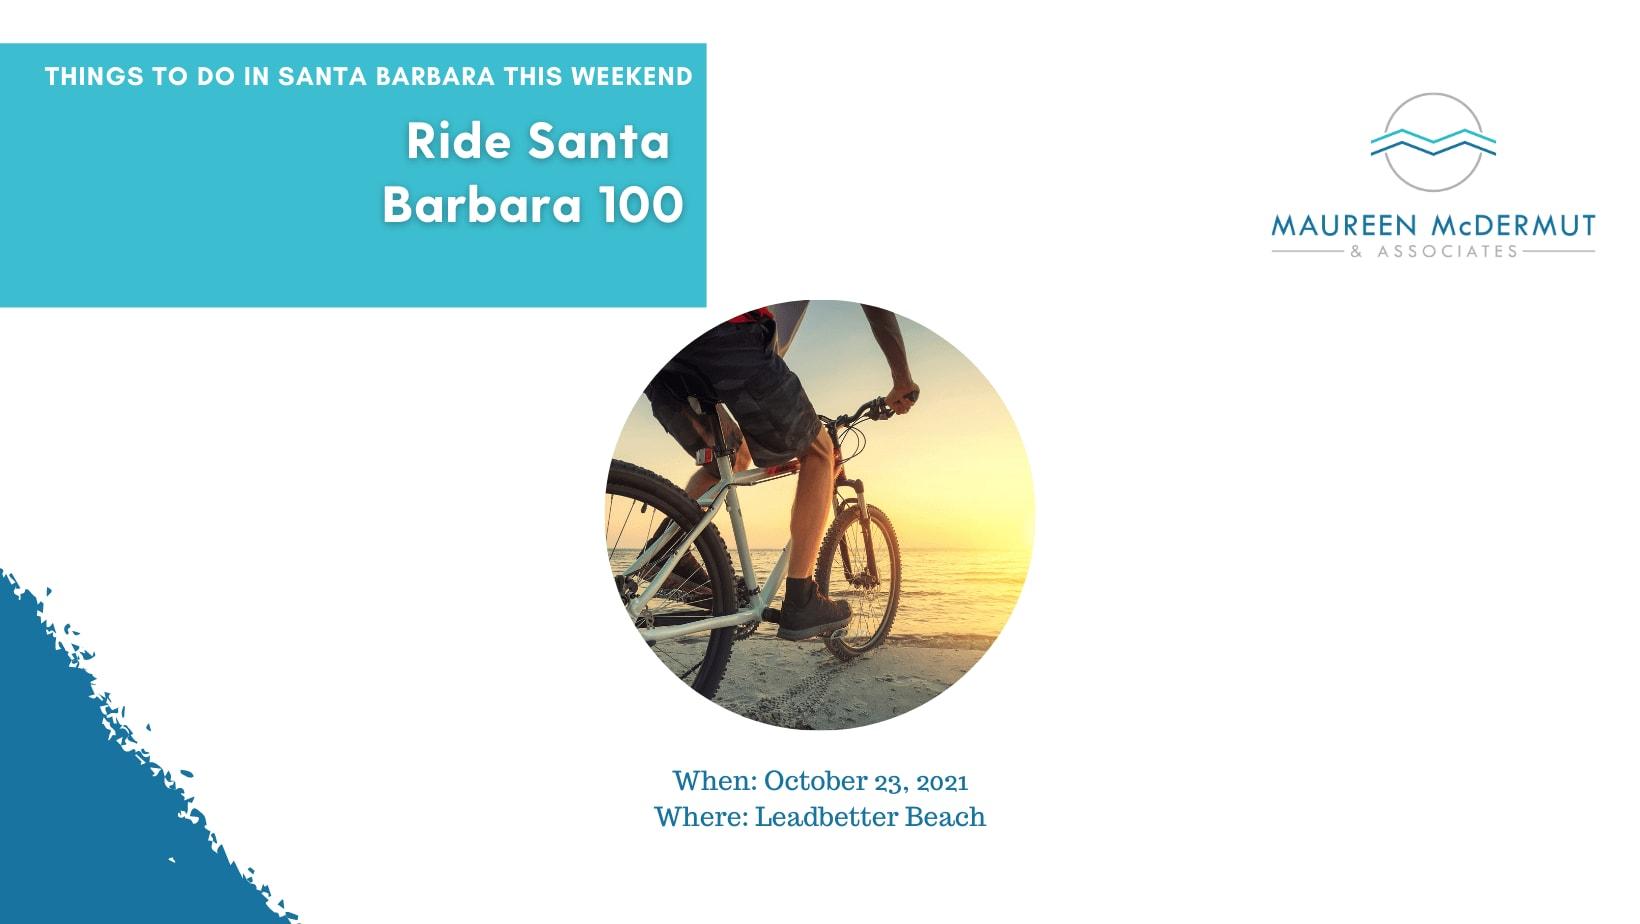 Ride Santa Barbara 100 image